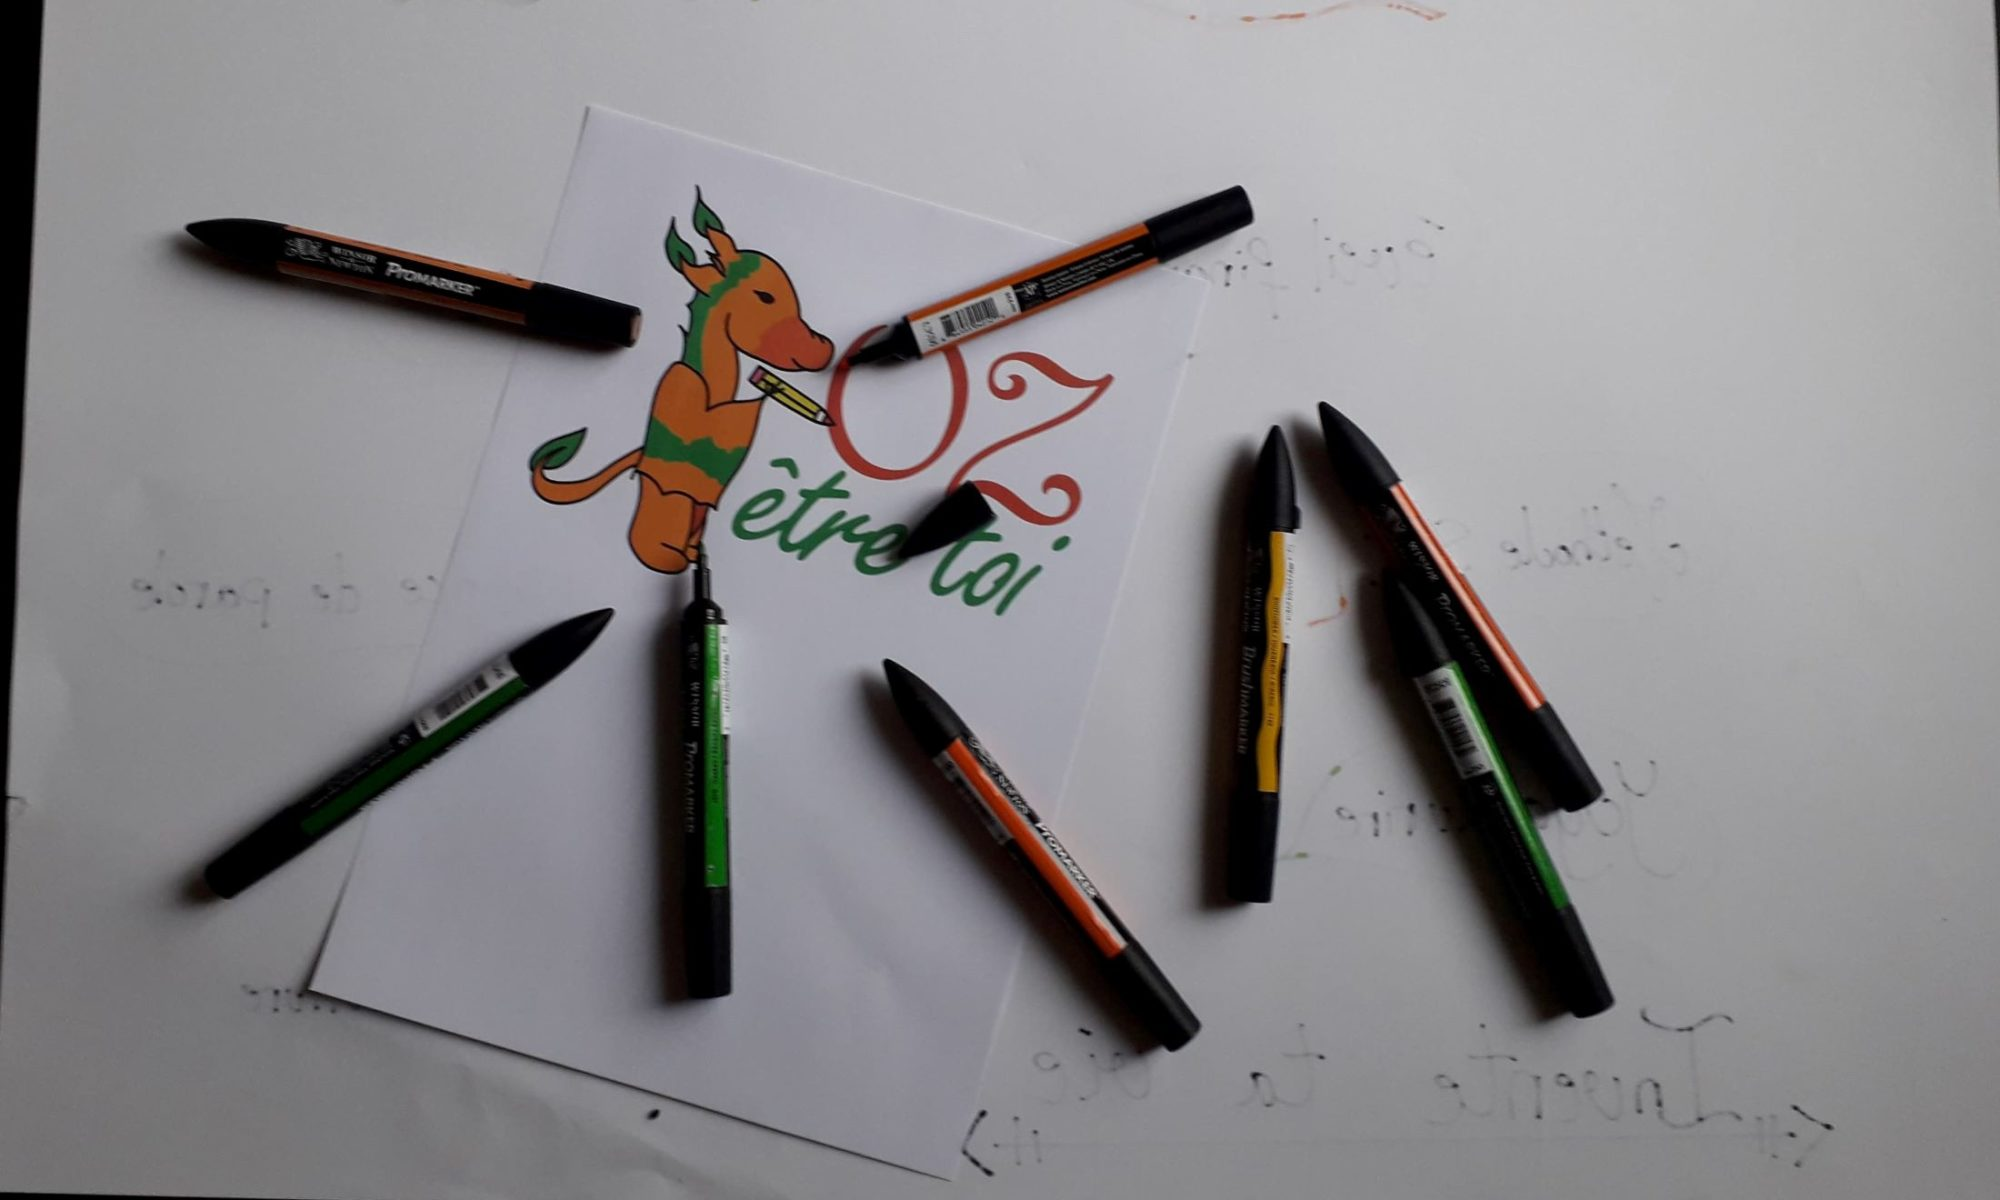 logo oz en couleur avec crayon de la meme couleur que le logo